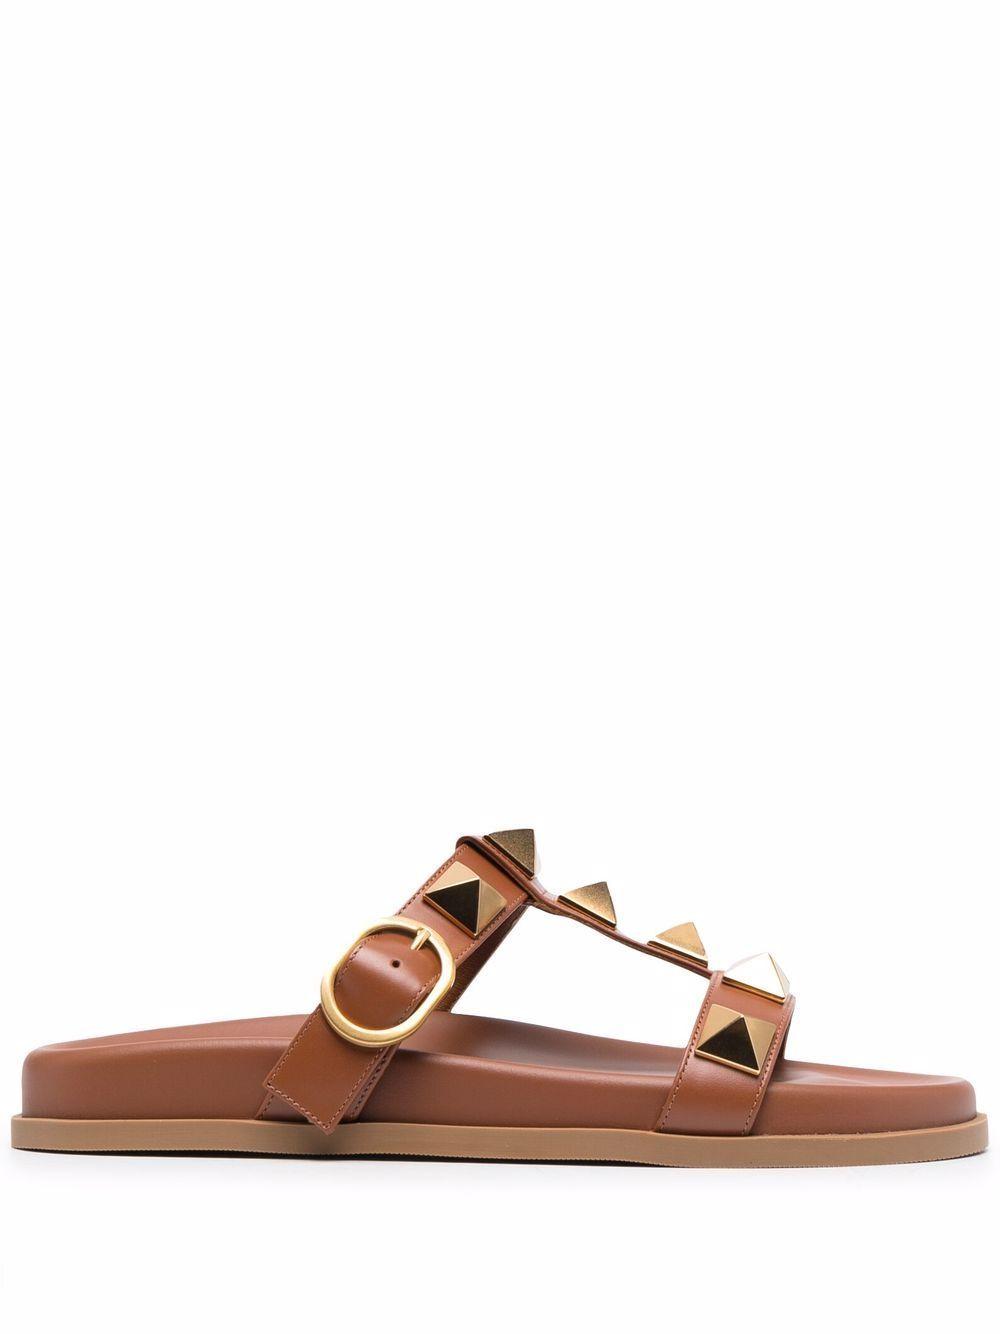 Valentino garavani sandals leather brown